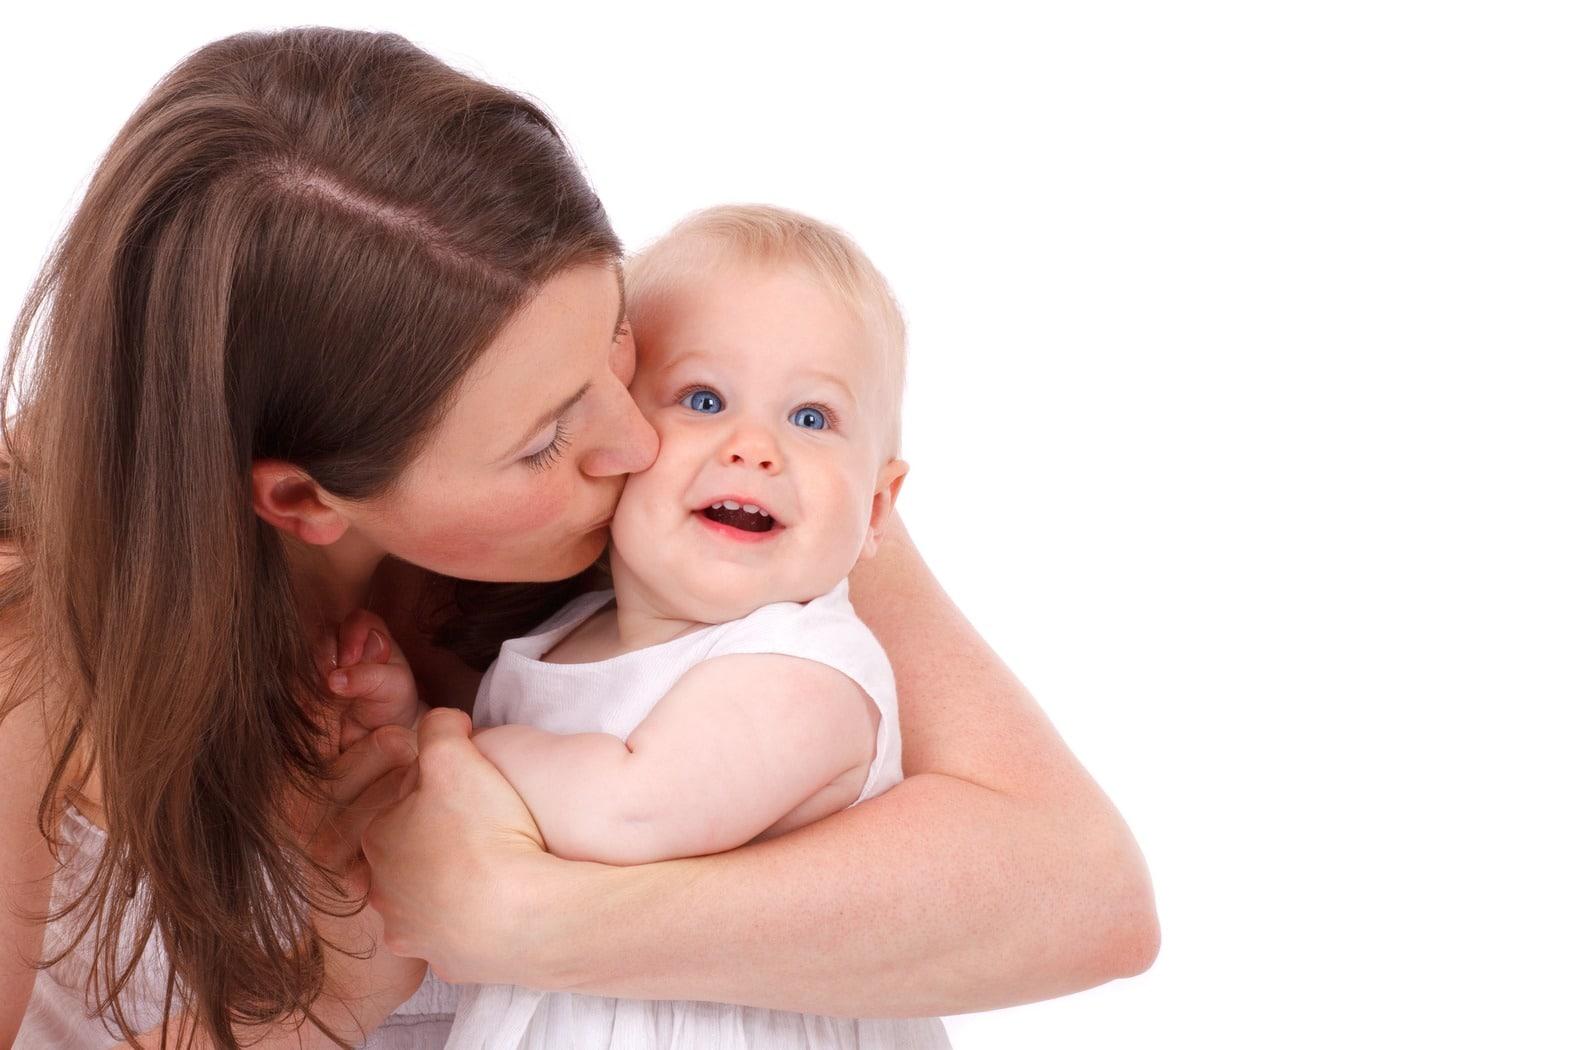 La depresión en el periodo perinatal